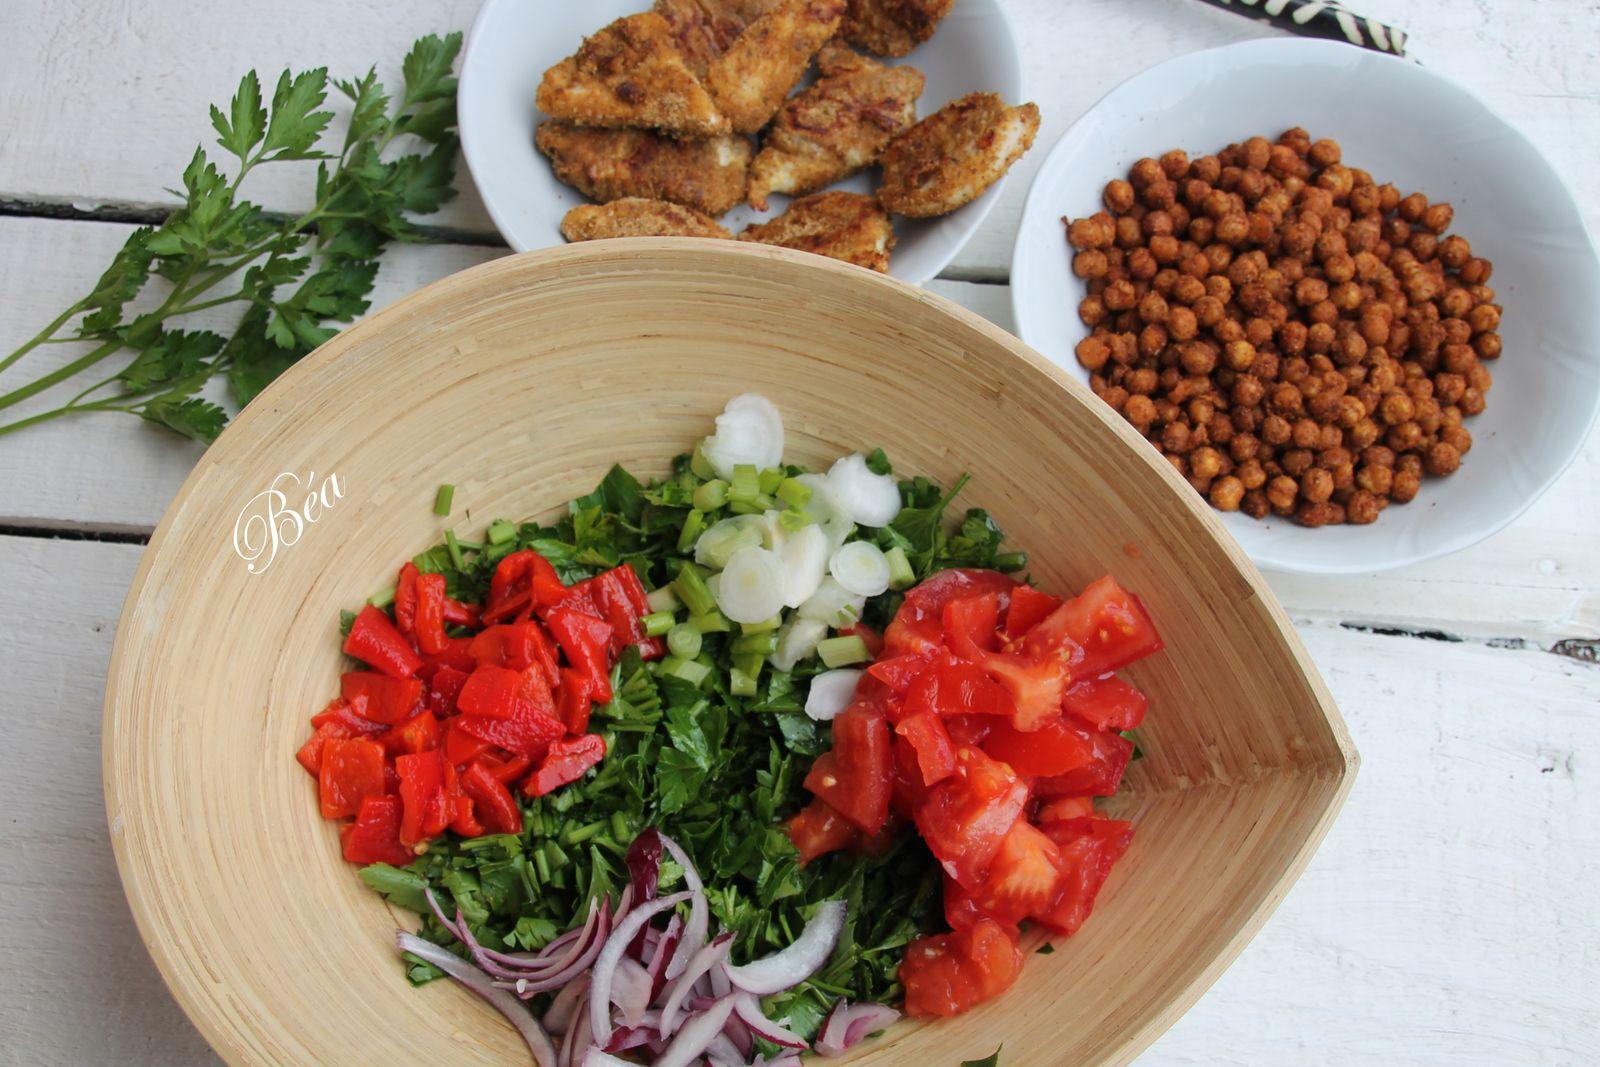 Salade de persil aux pois chiches grillés et bouchées de poulet croustillantes